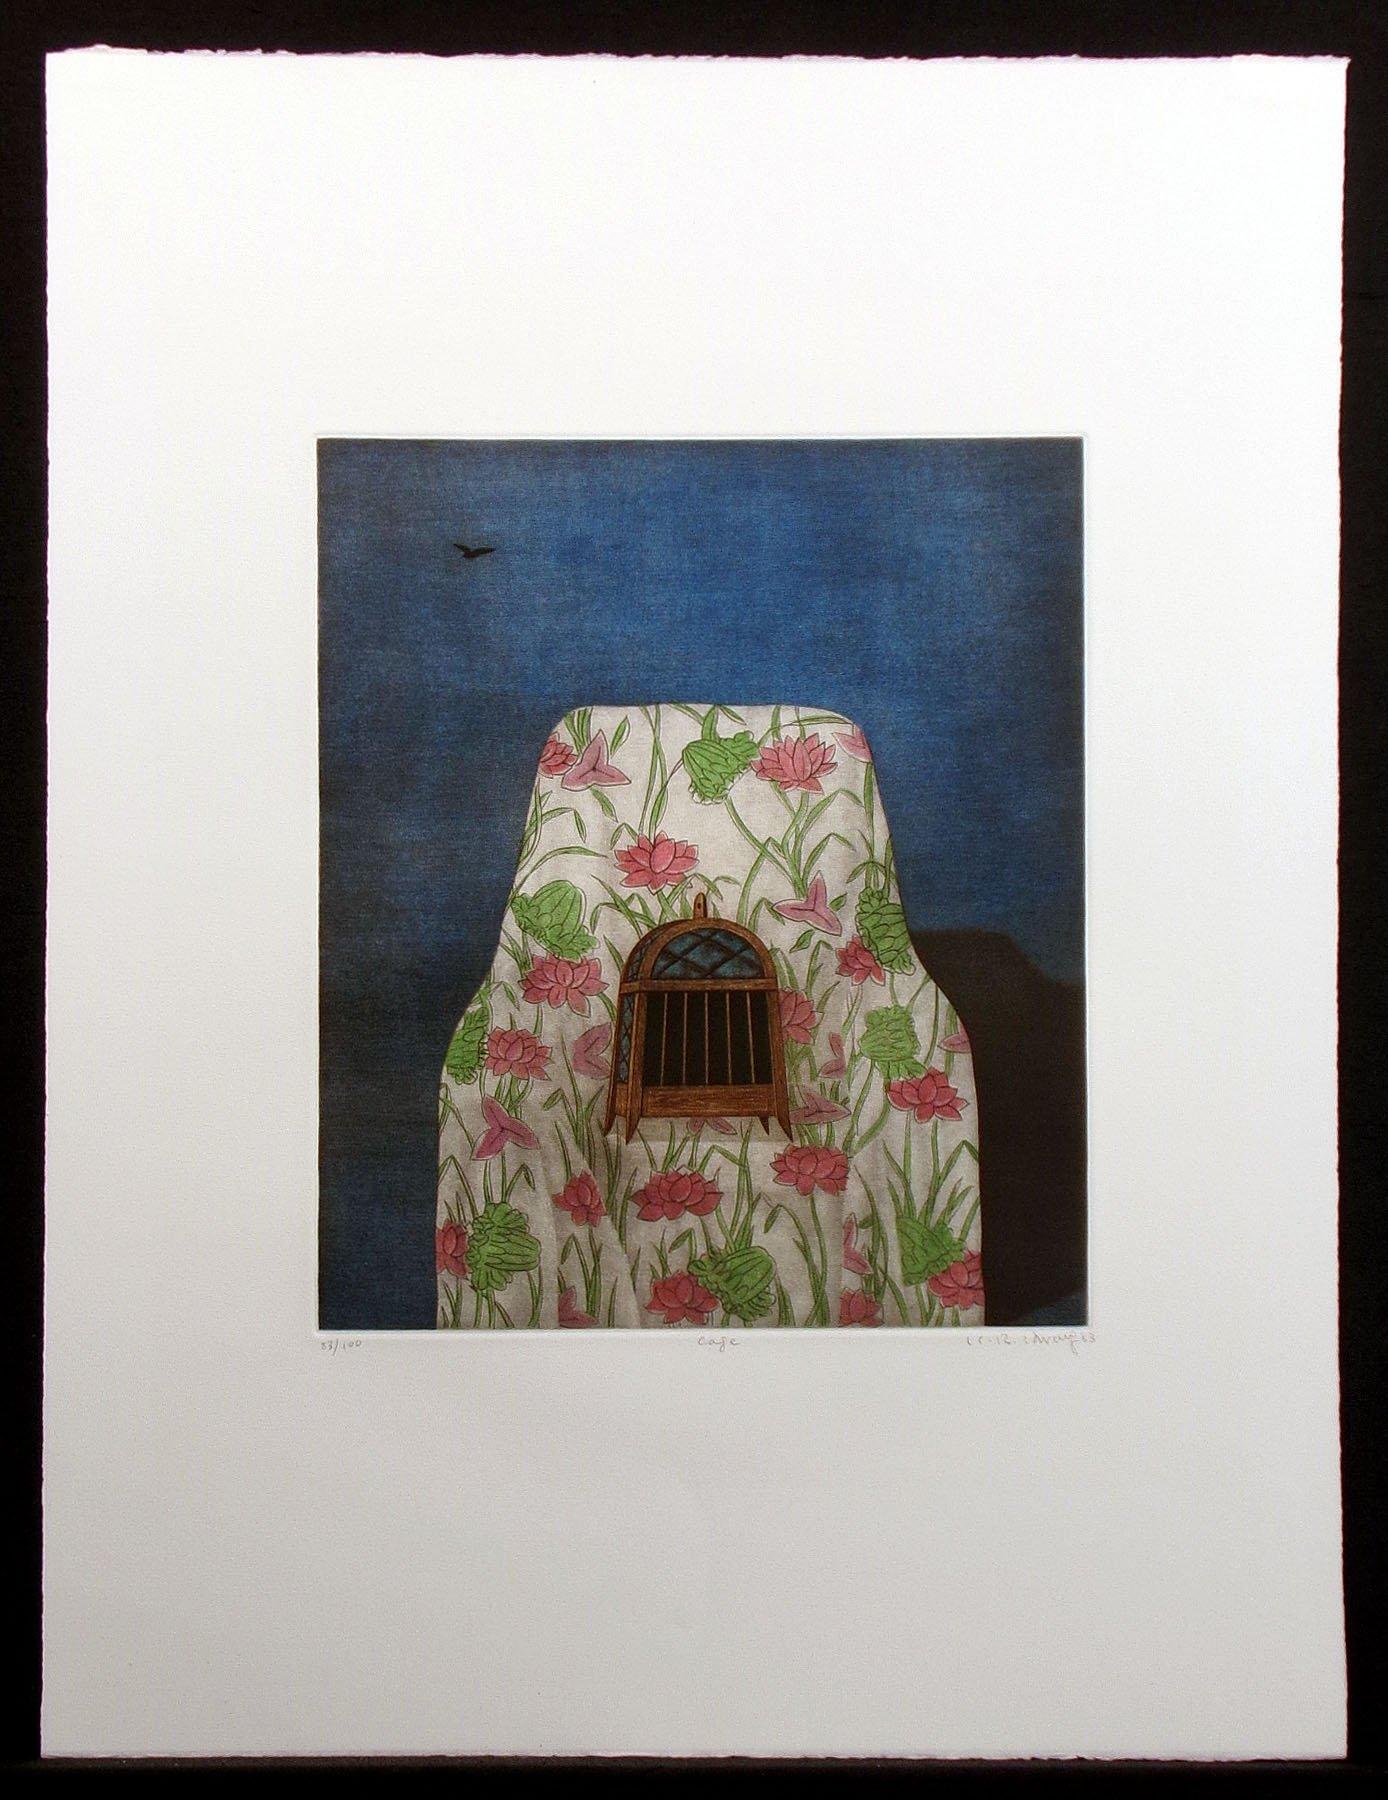 Cage by Kyu-Baik Hwang